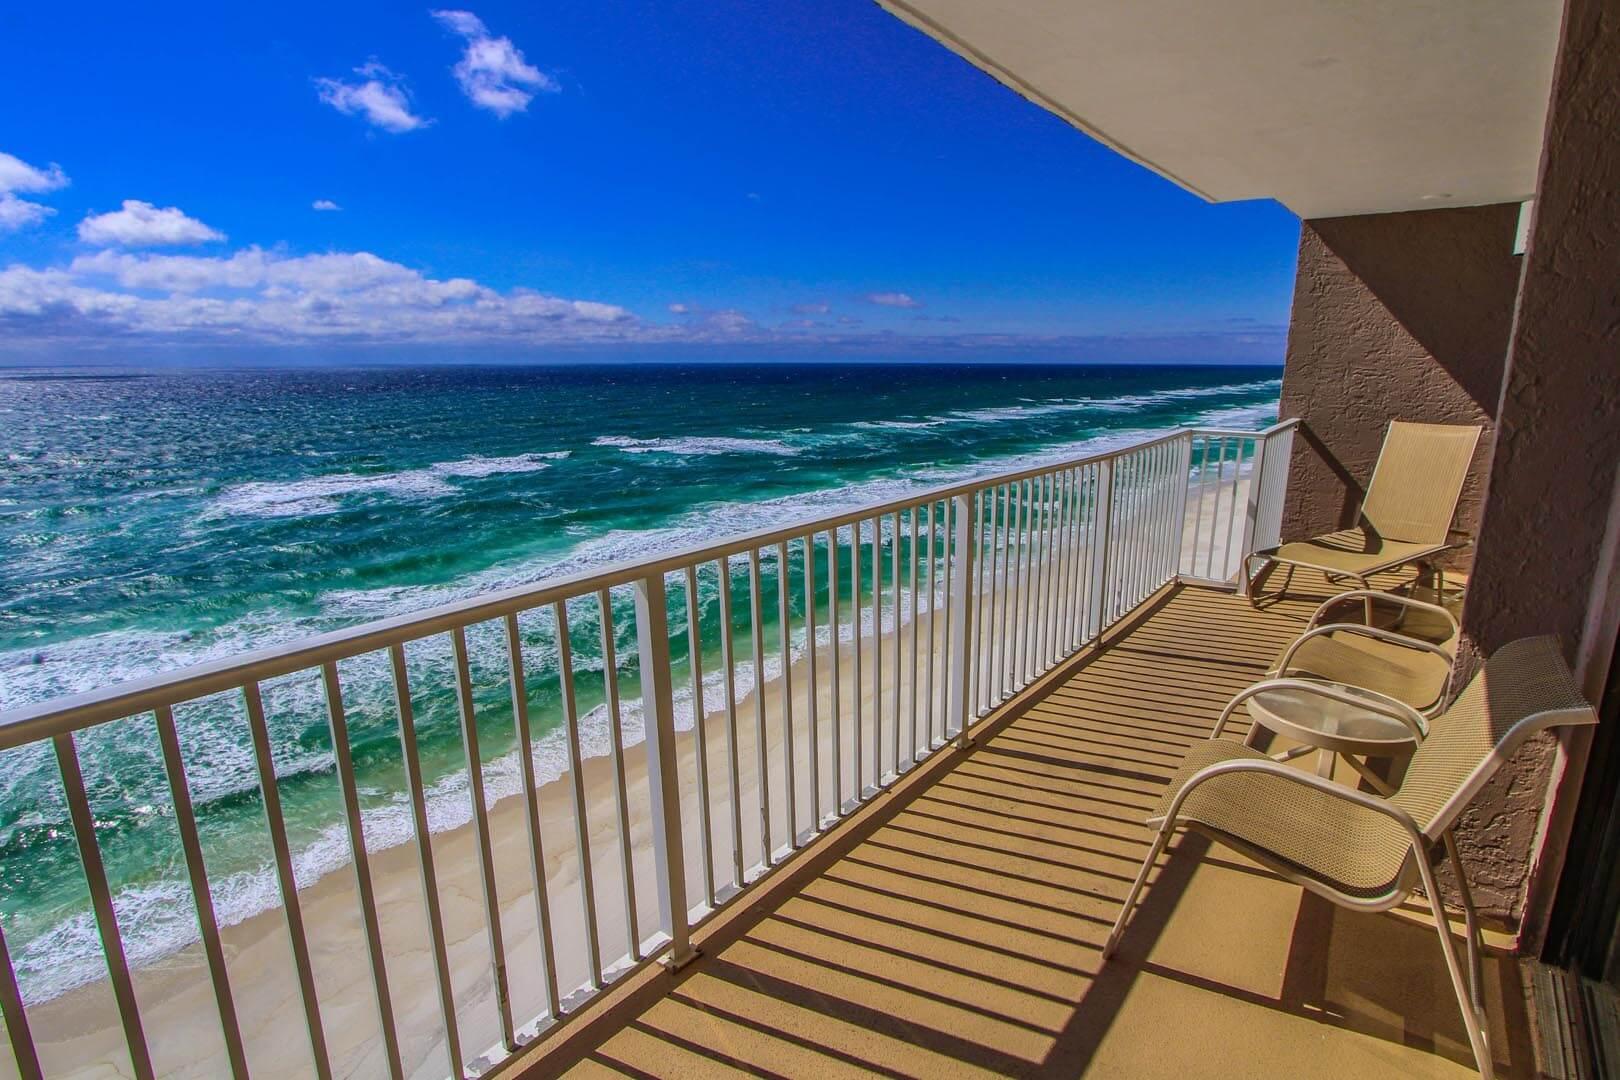 Landmark Holiday Beach Resort Balcony View